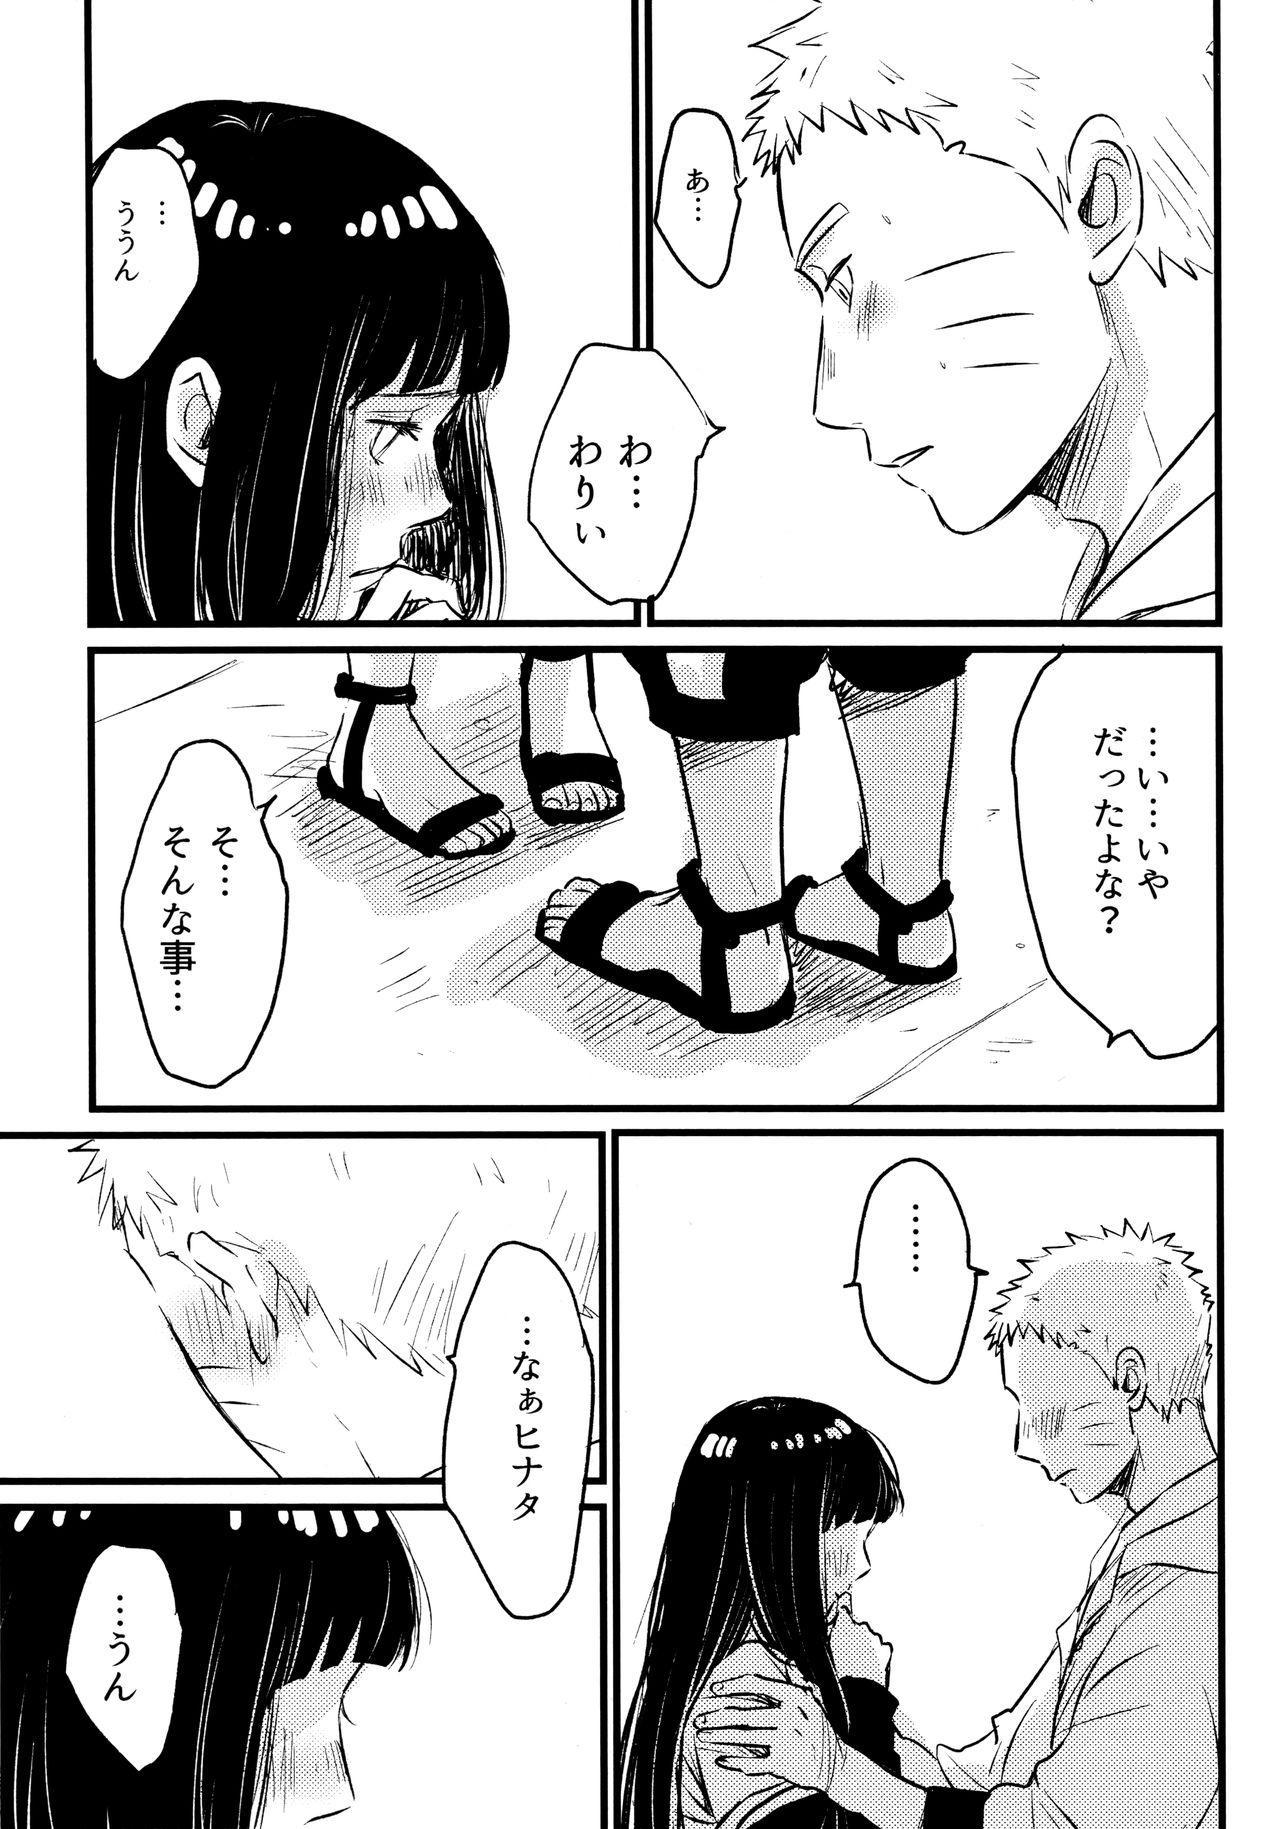 Koiwo Shiteiru Karada 1 + 2 16